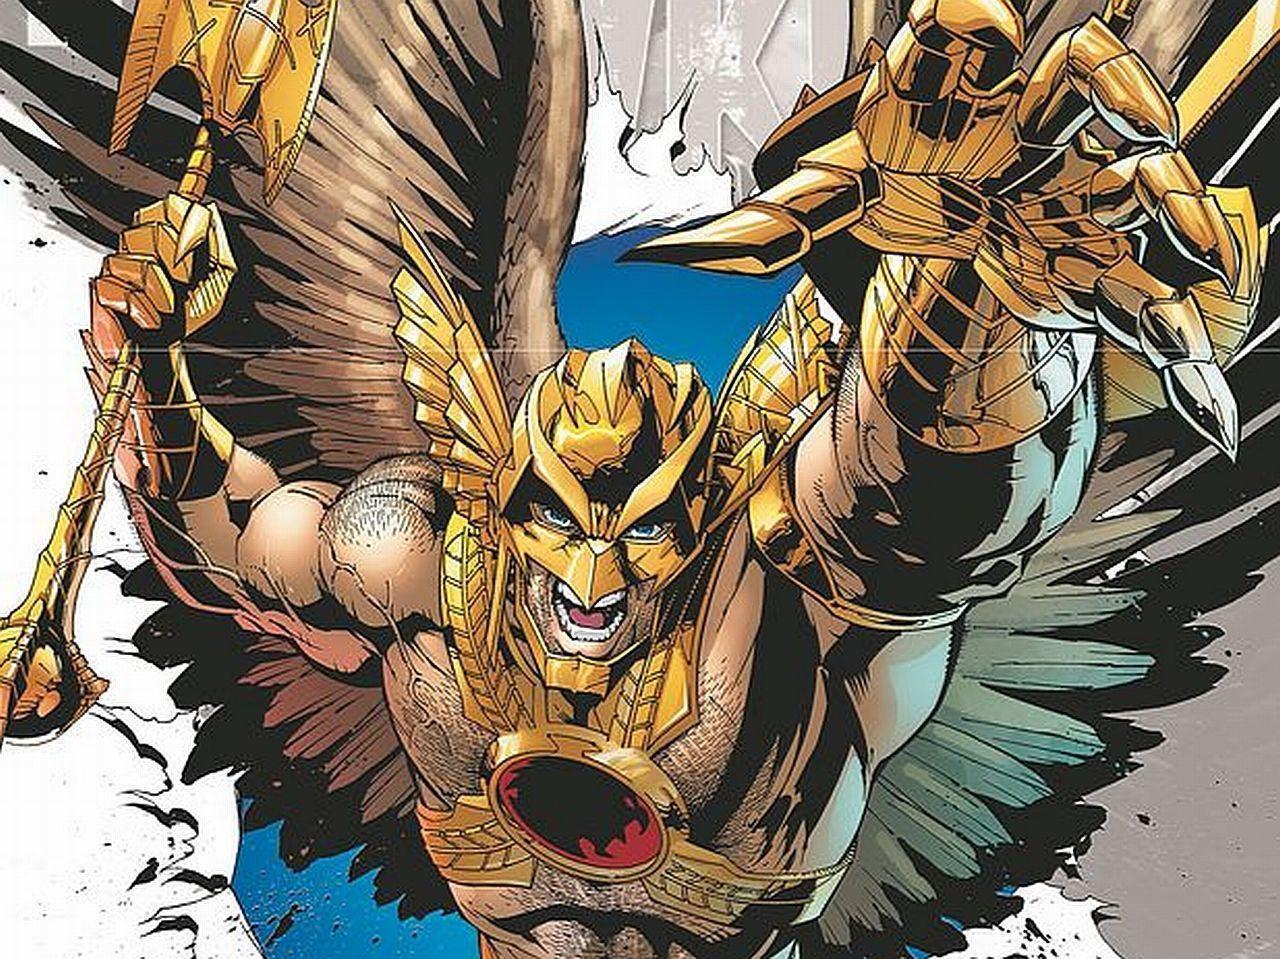 Hawkman Wallpapers 1280x959